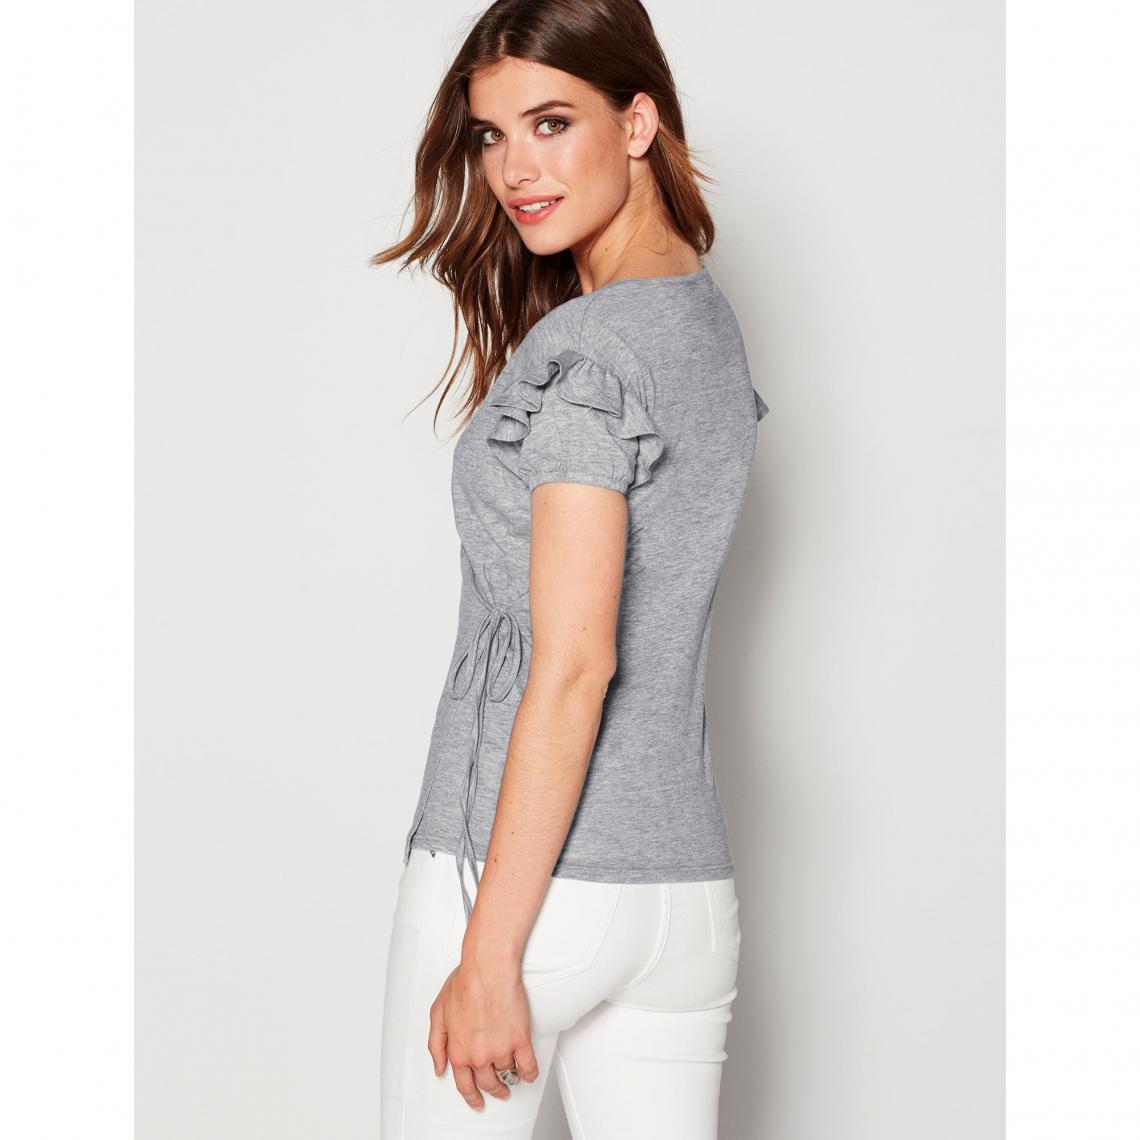 ... manches courtes femme Exclusivité 3SUISSES - gris chiné 3 Cliquez  l image pour l agrandir. T-shirts imprimés femme 3 SUISSES b5d3bccacf8